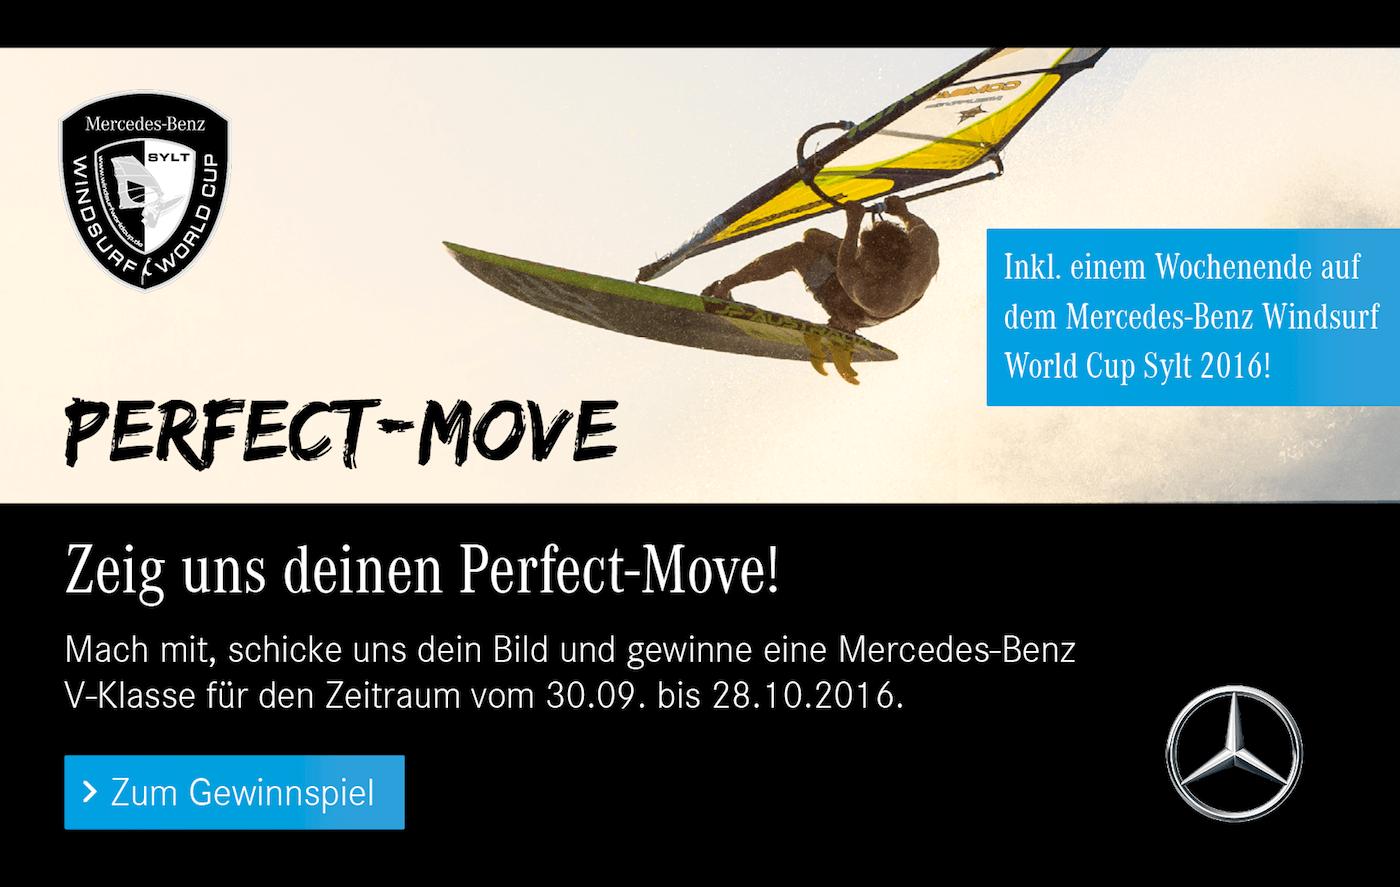 Mercedes-Benz-Perfect-Move Banner im Beitrag zur LP_2.1%22